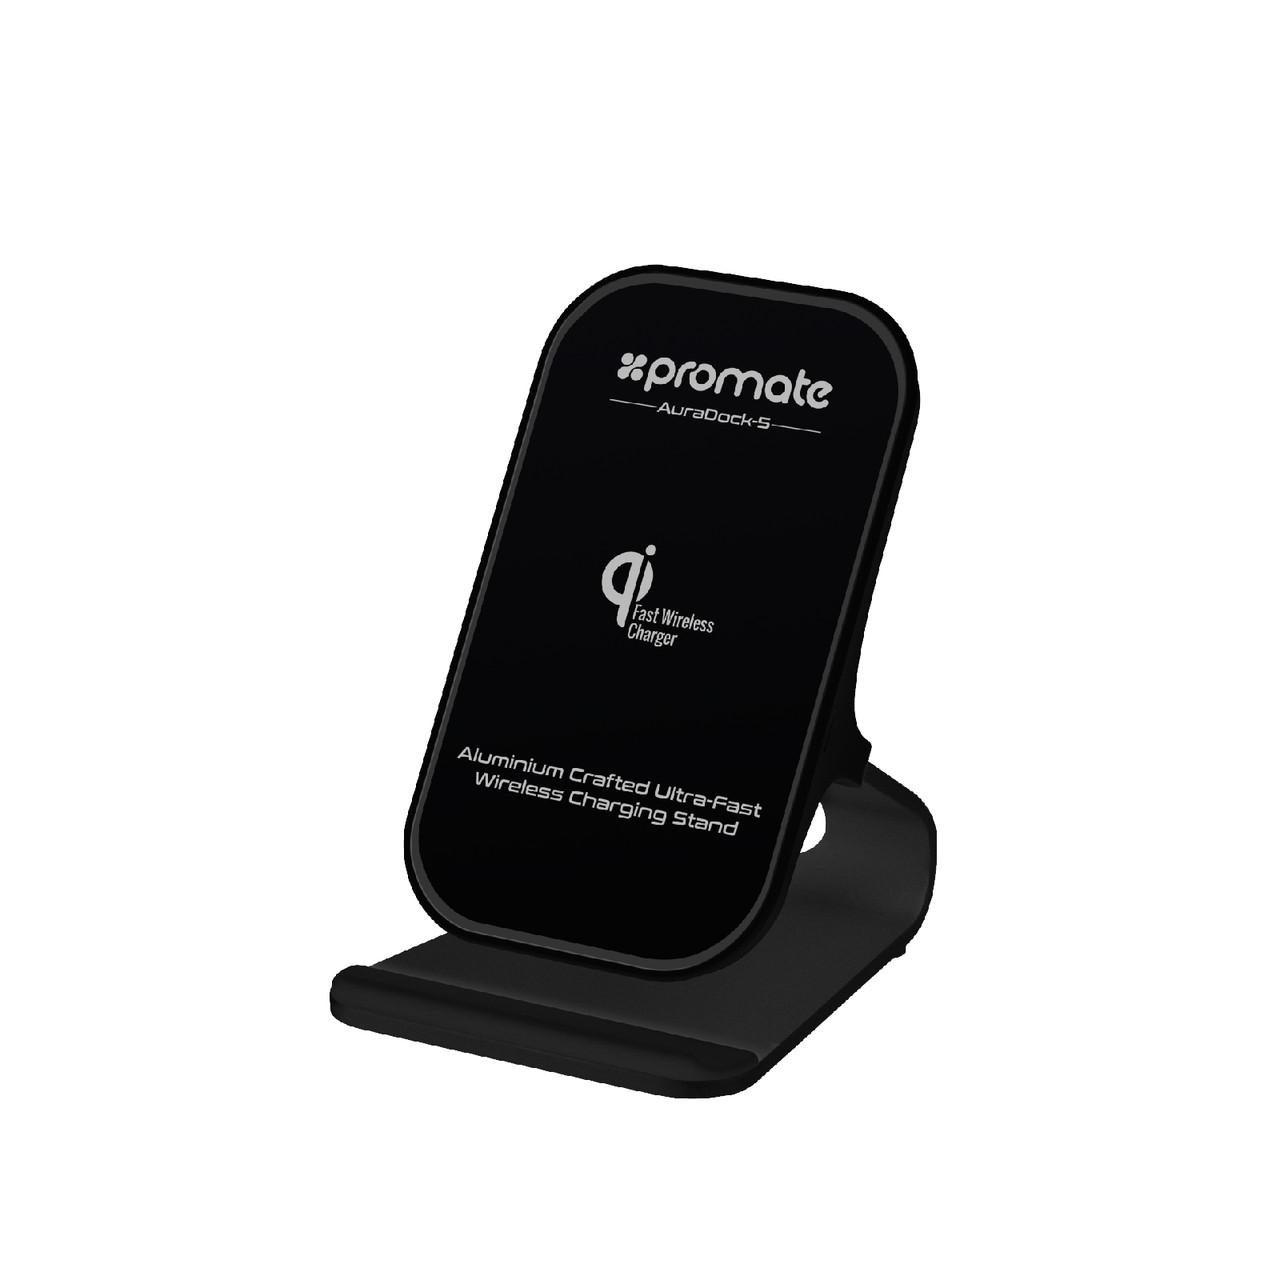 Беспроводное зарядное устройство Promate AuraDock-5 Black